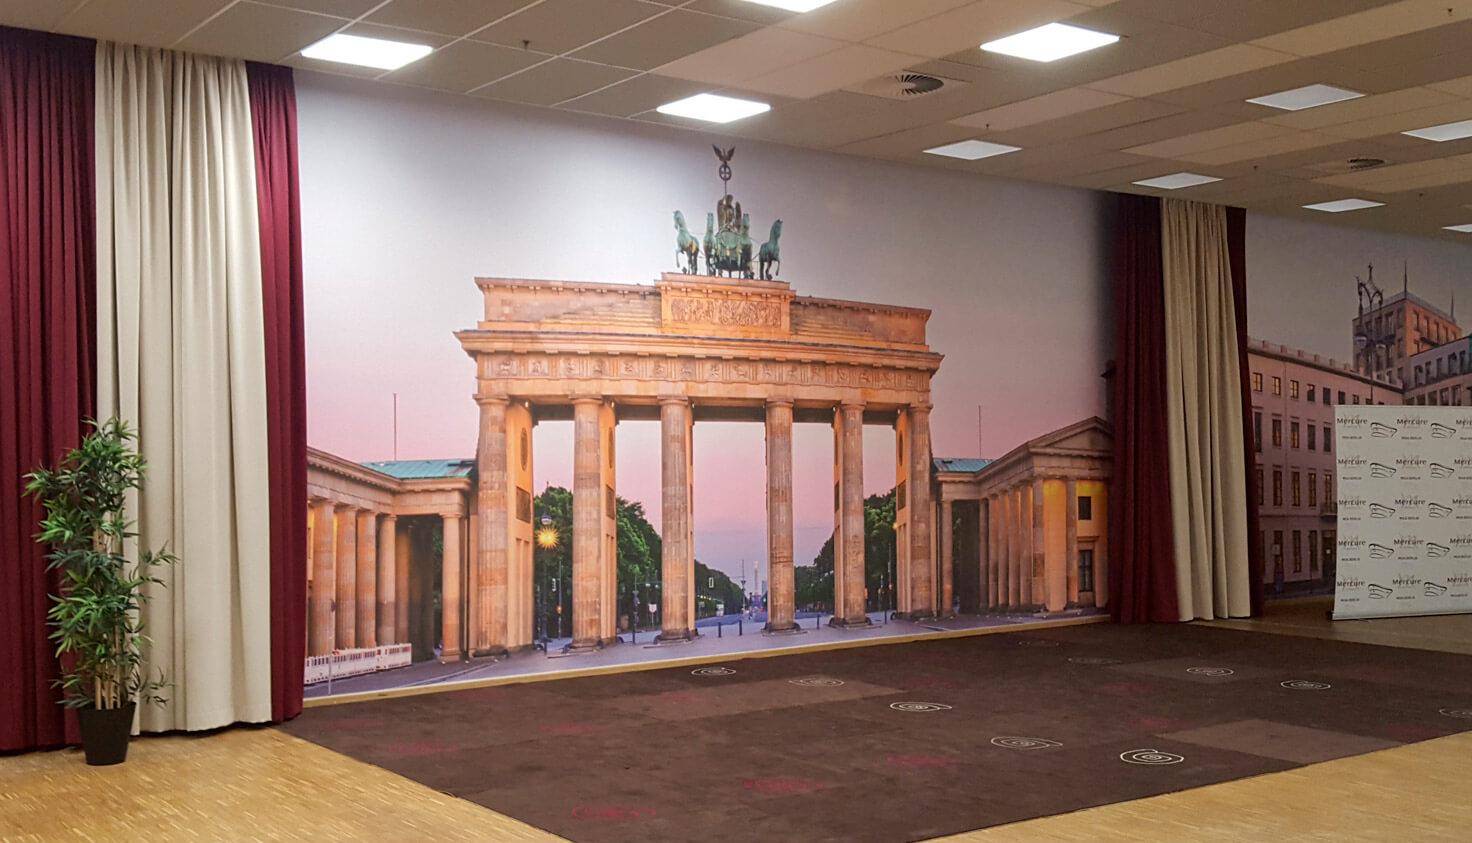 MoaBogen Tapezierarbeiten - Referenz Malerbetrieb Kluge Berlin